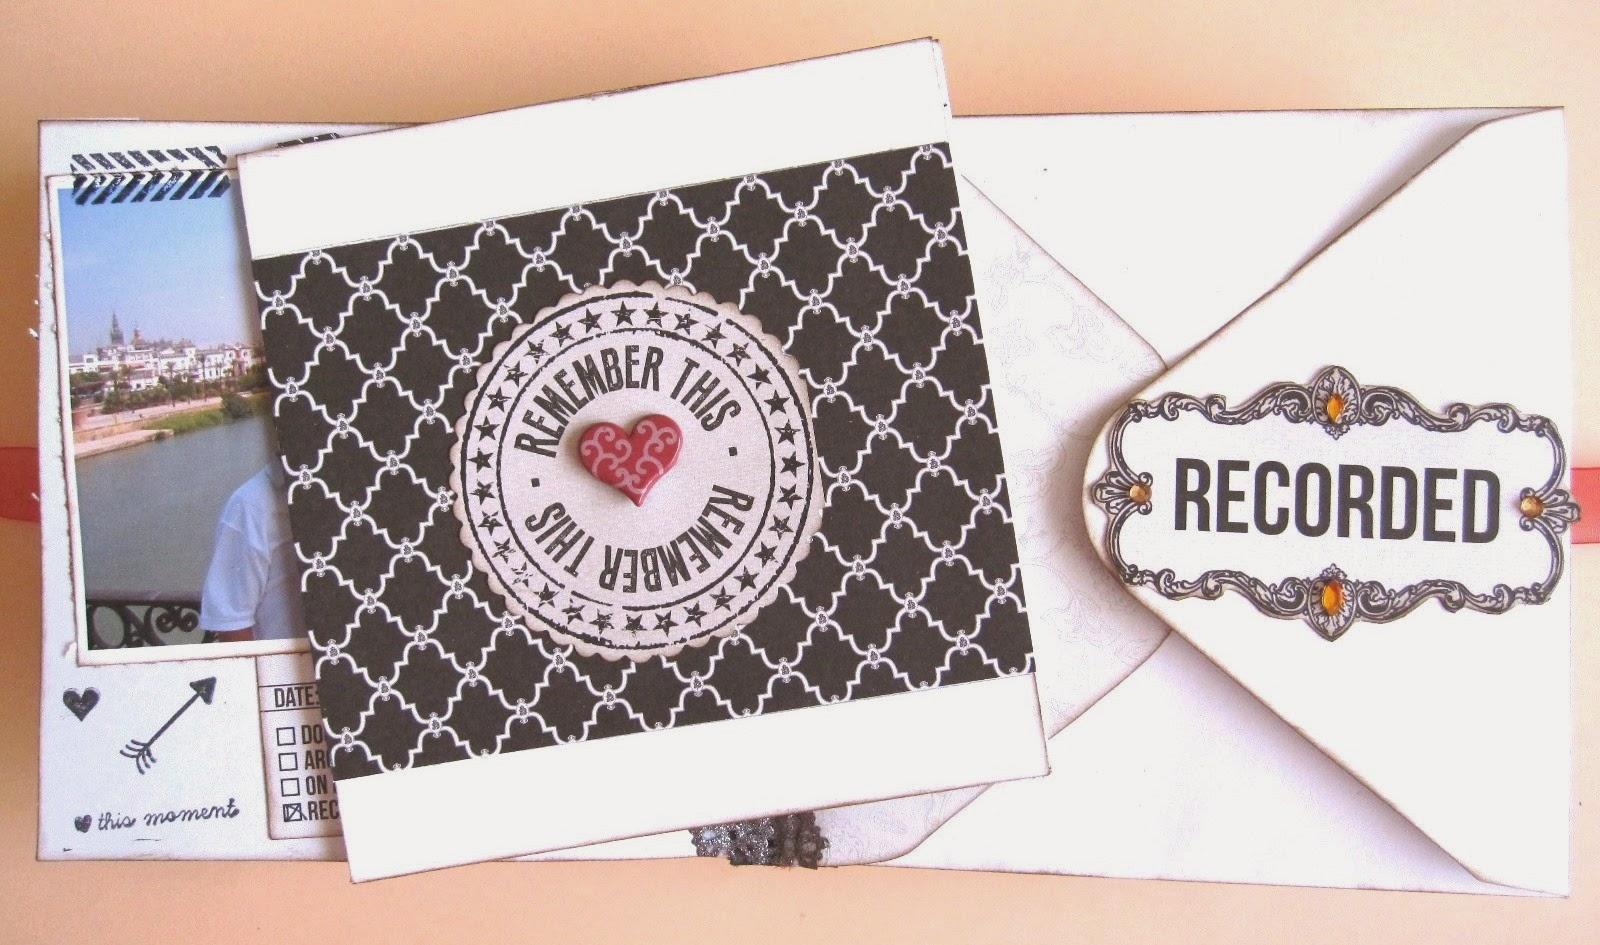 foto 8 decoración interior LOVE mini-album con portada tarjeta tríptico decorada con papel decorado en blanco y negro con un brad en forma de corazón en el centro